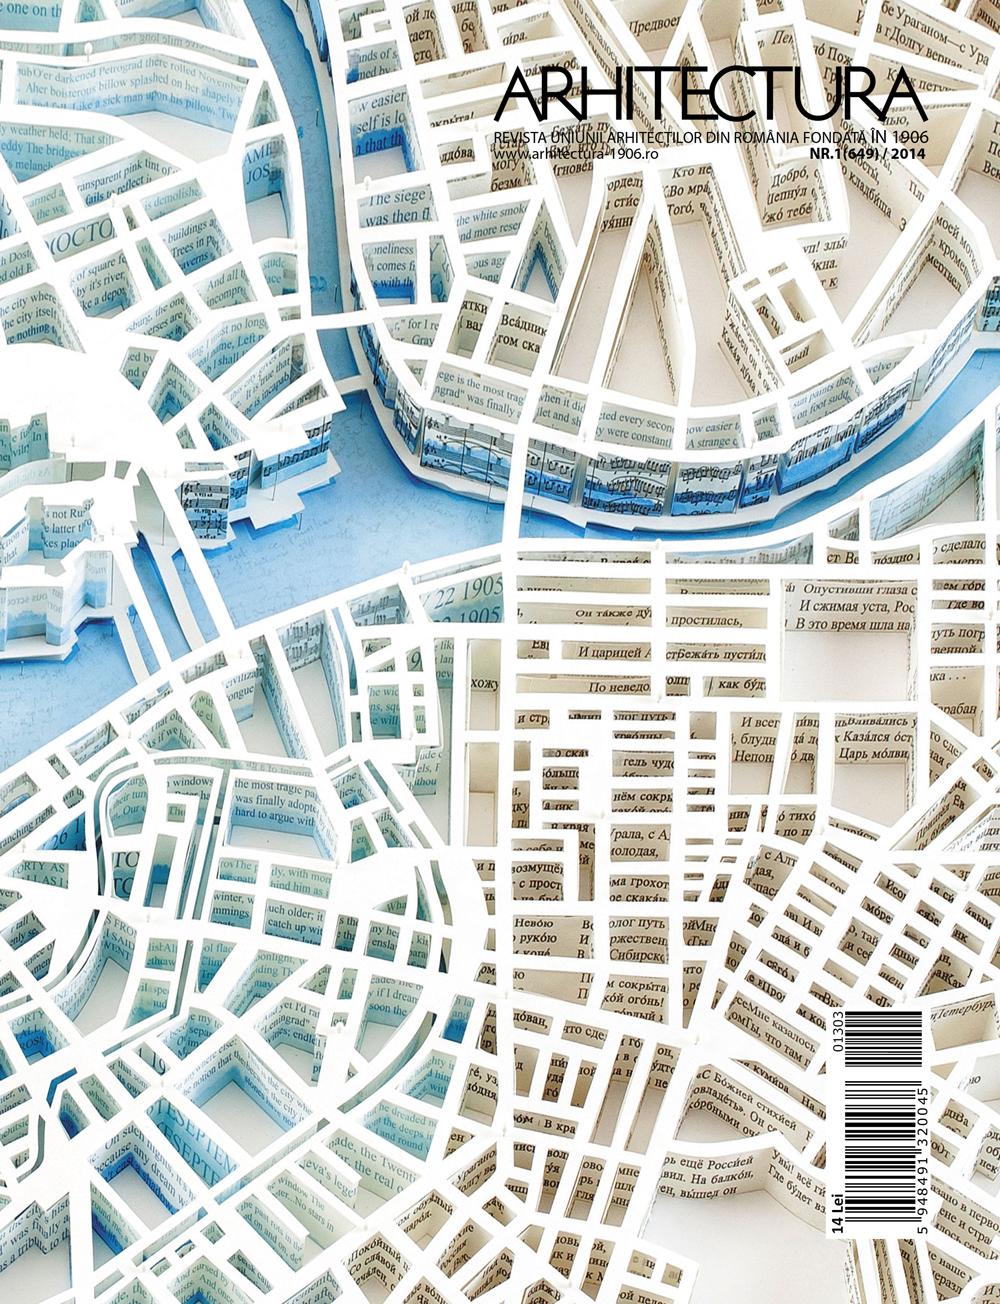 Ce este desenul de arhitectură? Revista ARHITECTURA  nr.1/2014 : DESEN